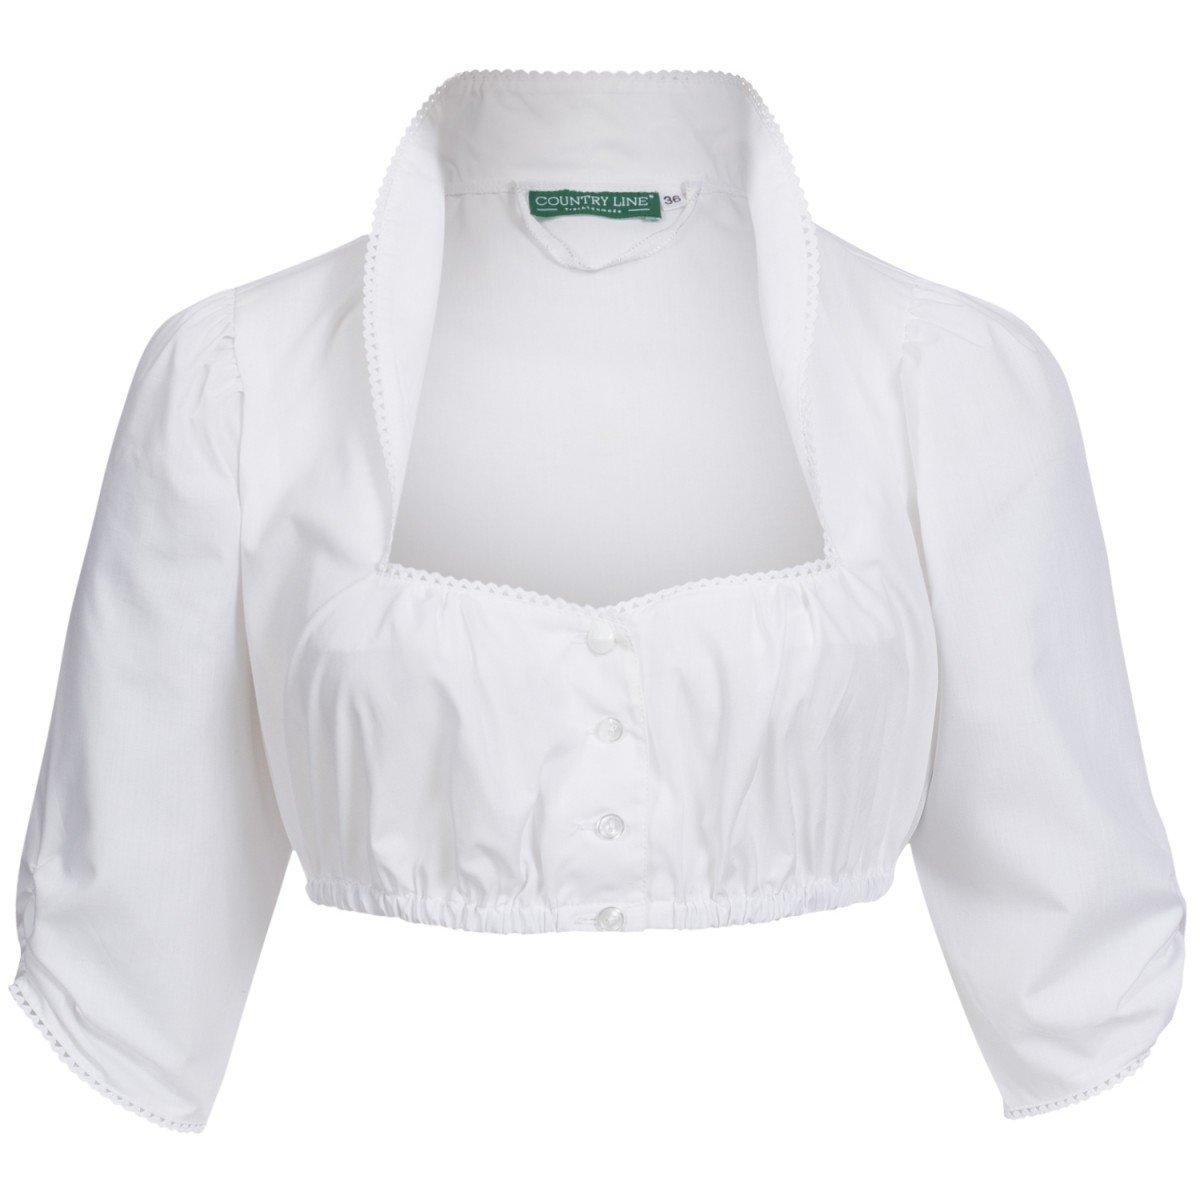 Country Line Damen Trachten-Mode Dirndlbluse Liberta in Weiß traditionell